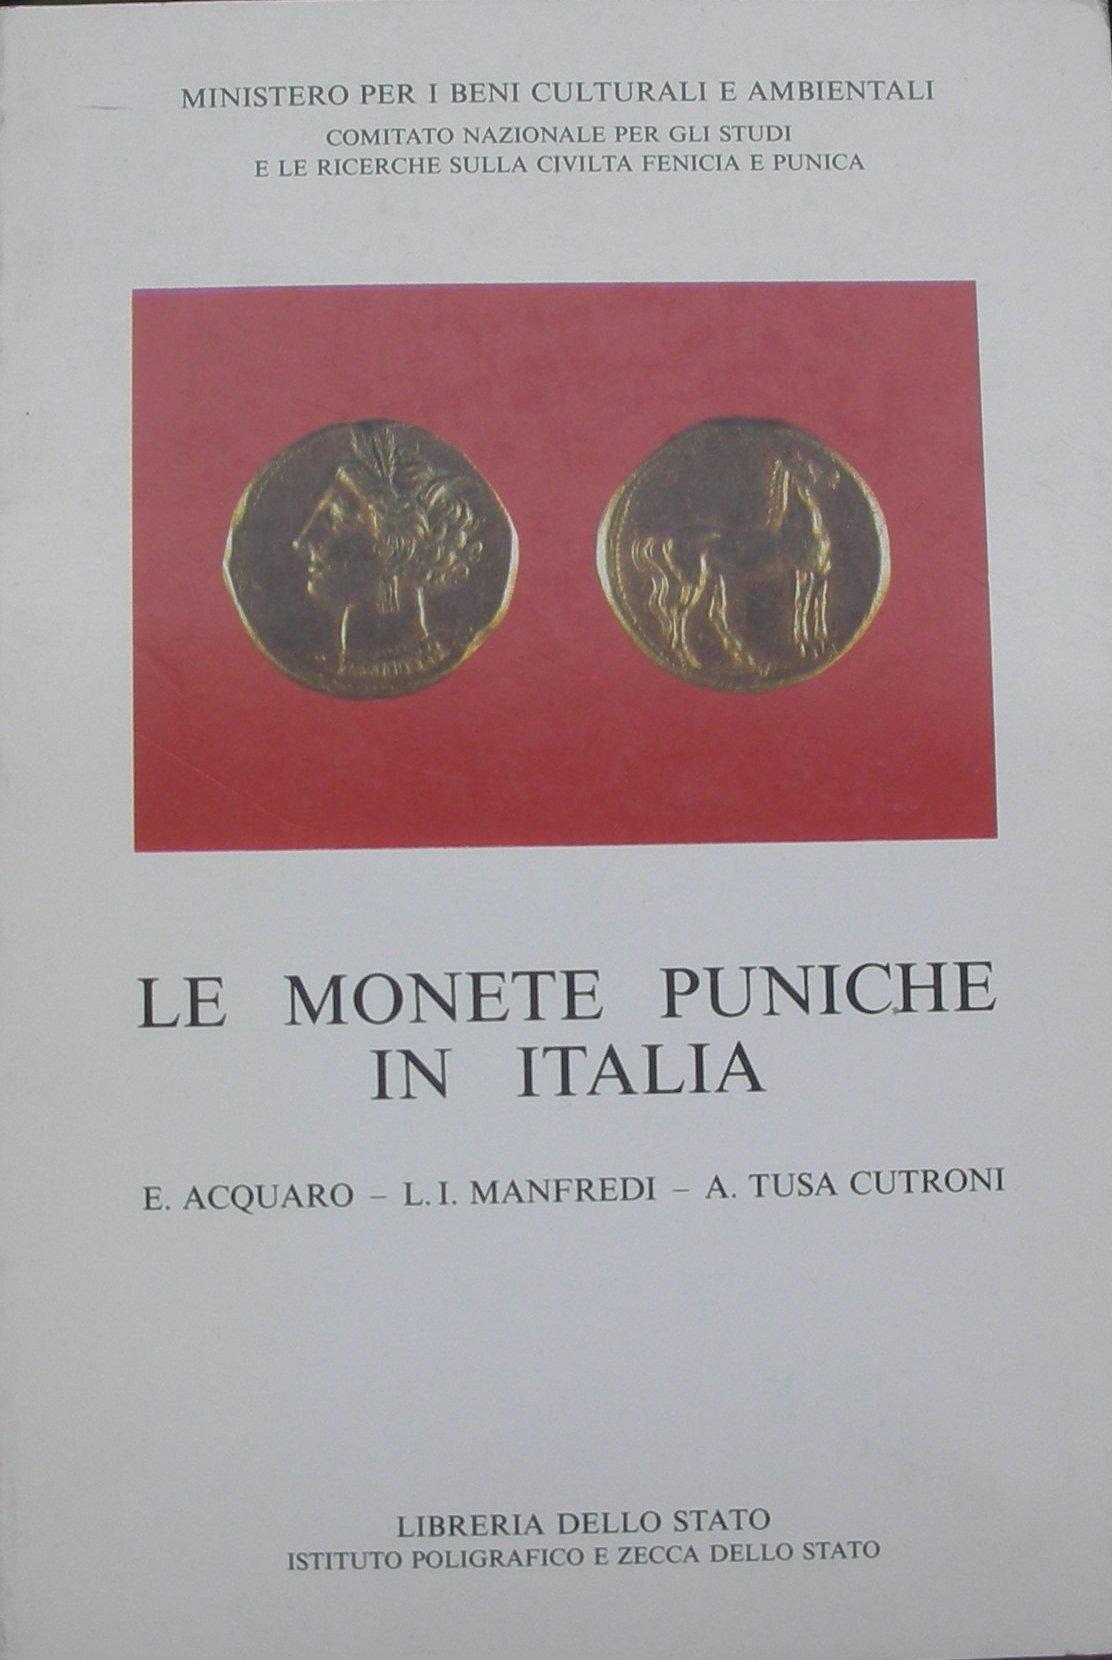 Le monete puniche in Italia